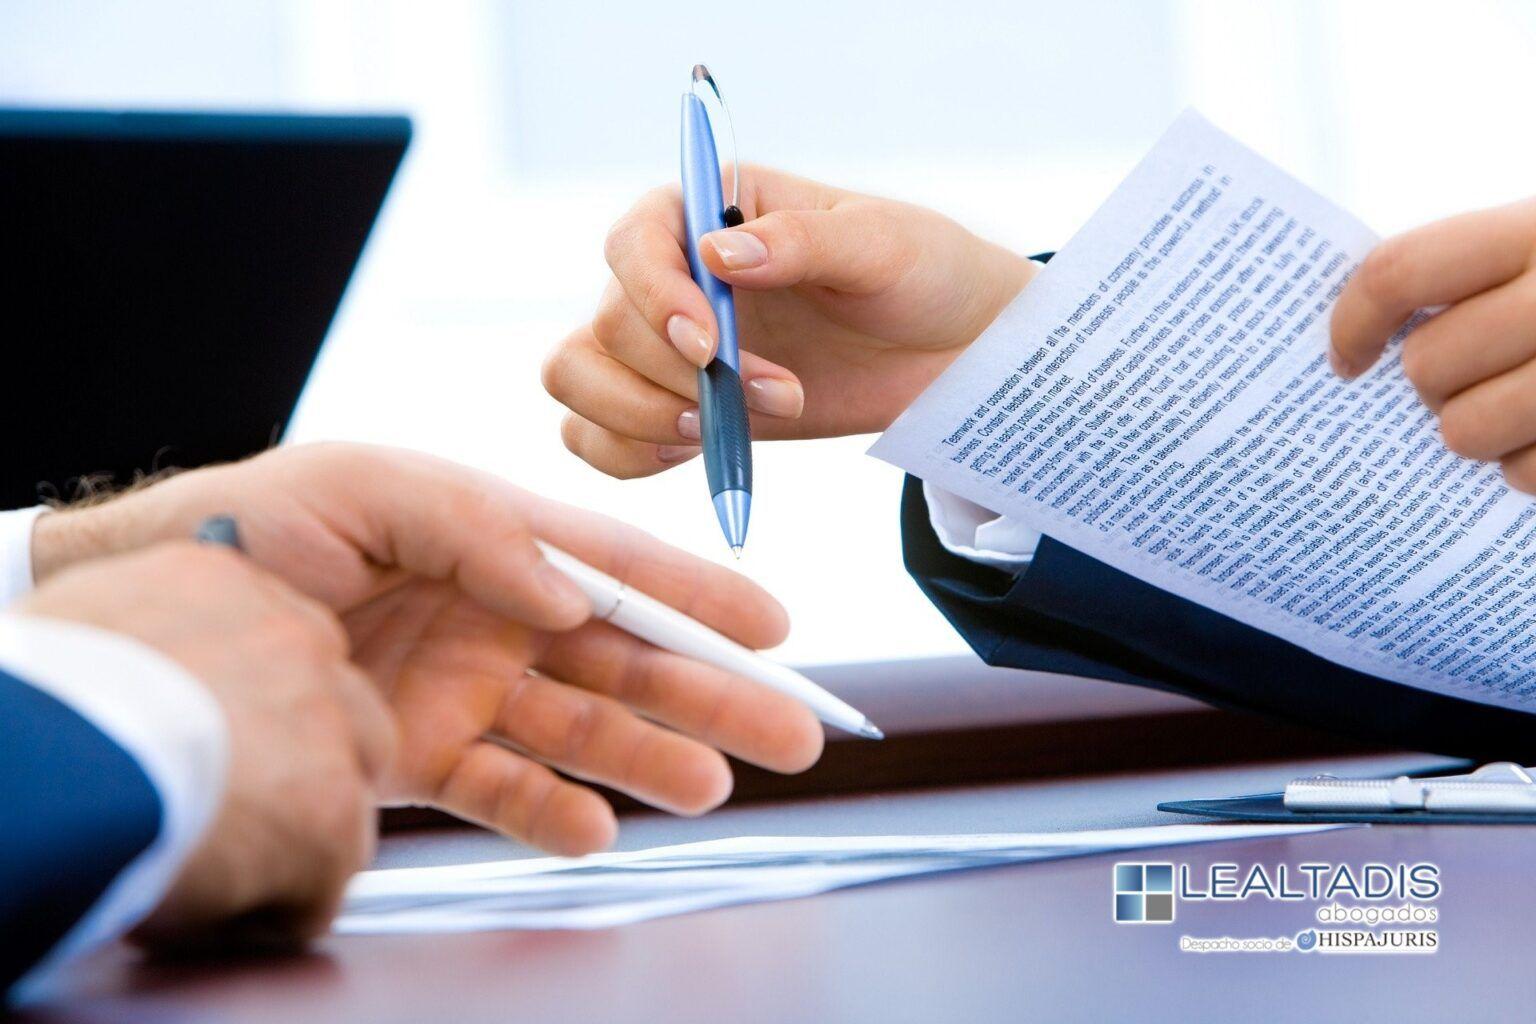 Recientes prórrogas y novedades sobre moratorias del pago de préstamos a causa del COVID-19